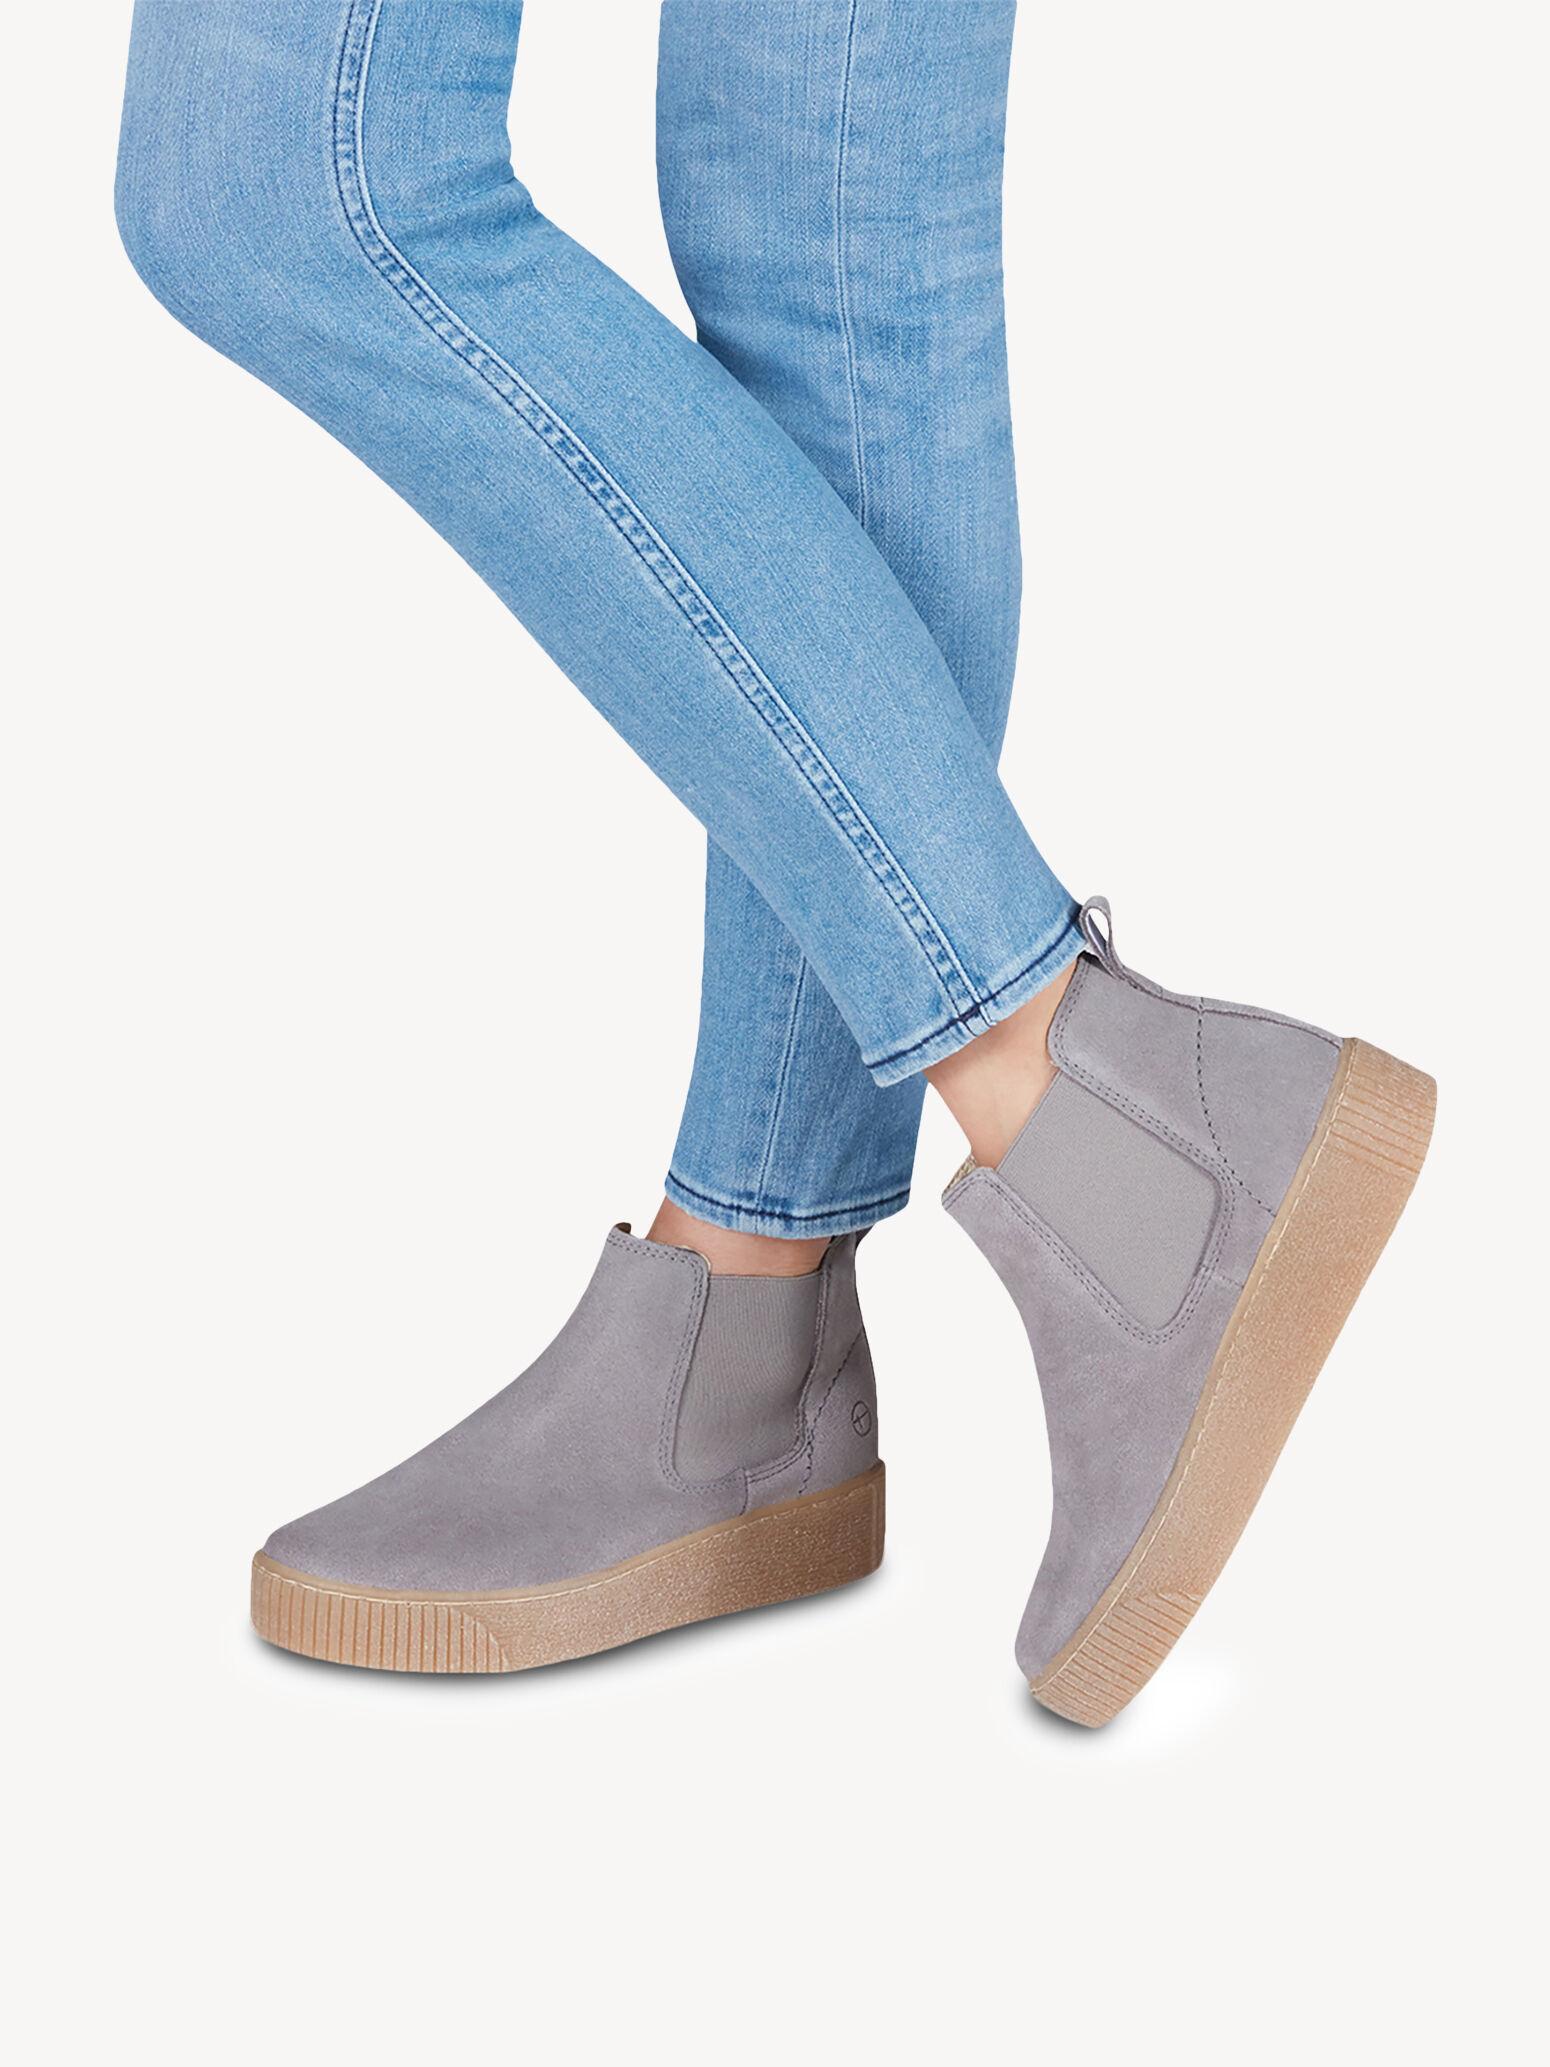 Damen Sneaker online kaufen Offizieller Tamaris Shop